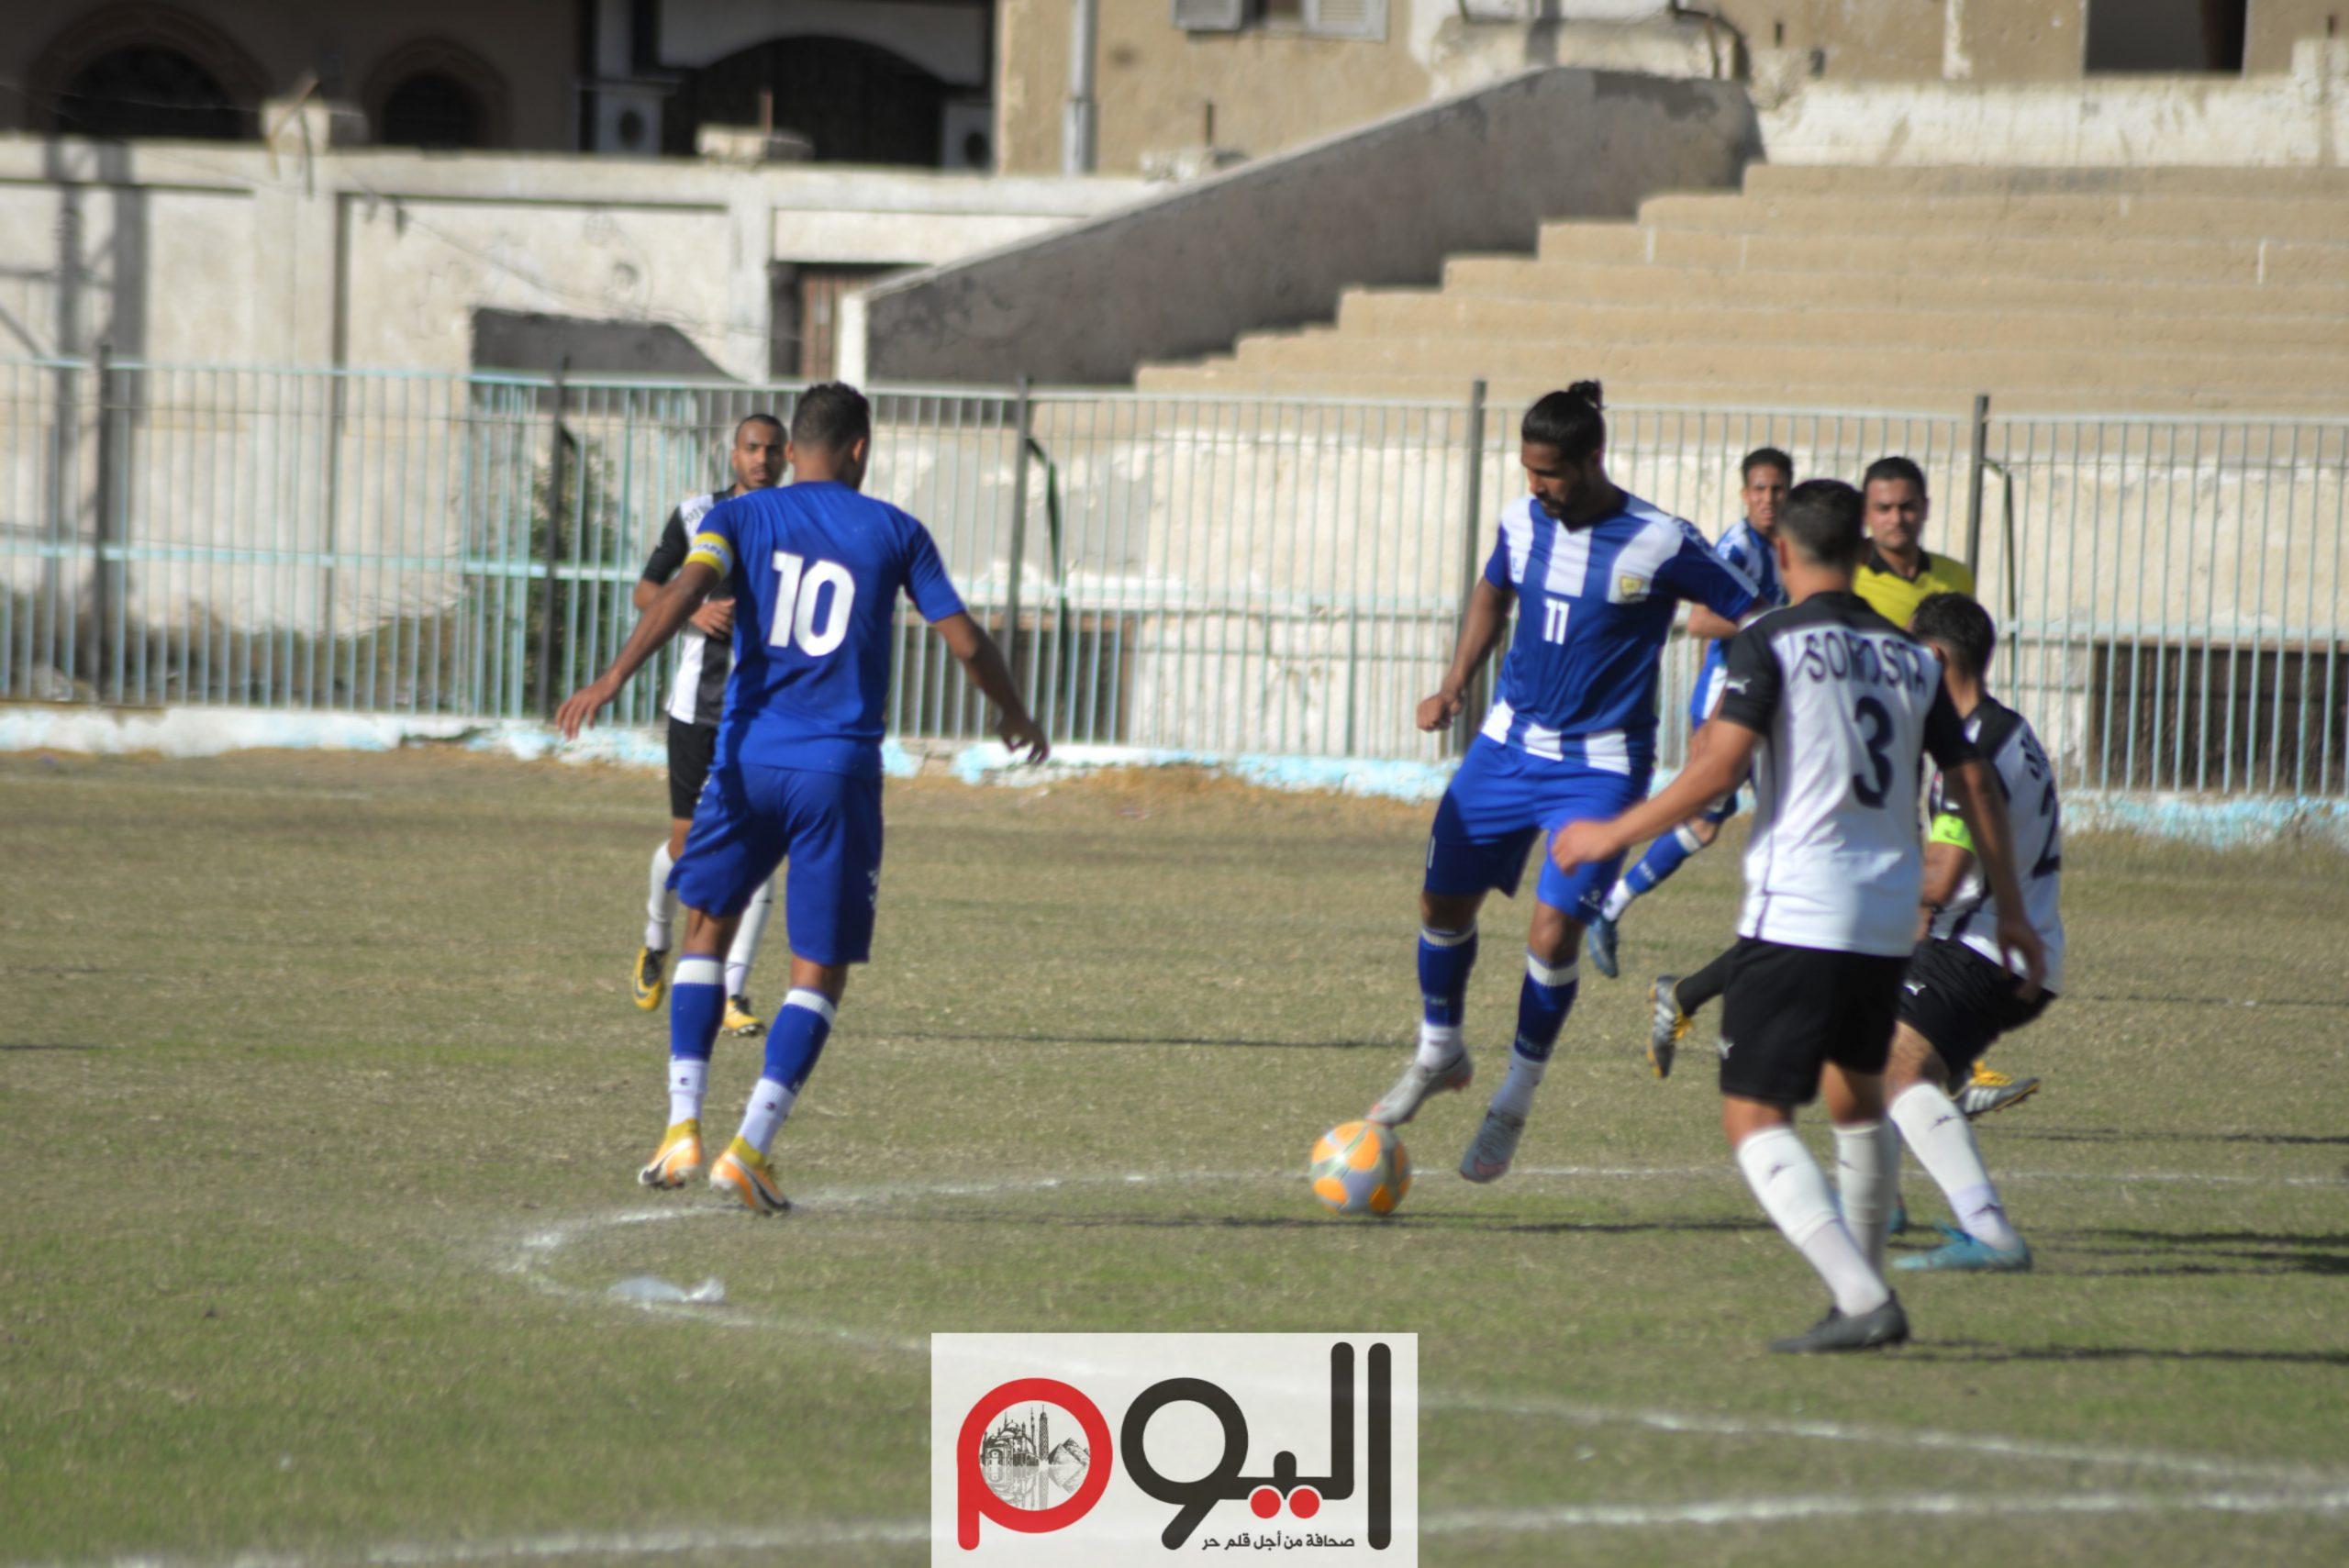 مباراة قنا وشباب سمسطا بالقسم الثاني، تصوير نورهان ذكي